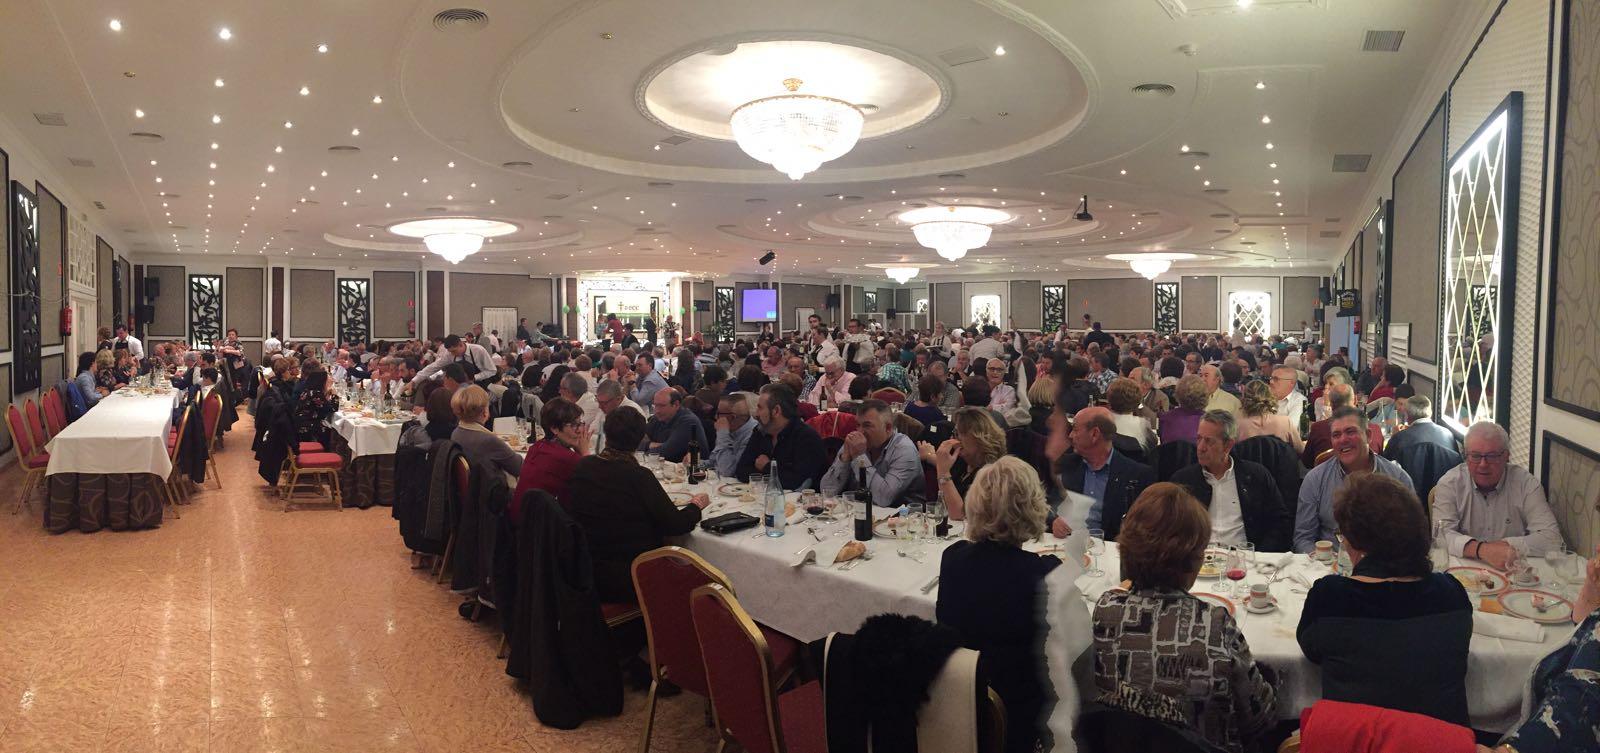 Mas de 500 personas acudieron el sábado a la cena del cáncer en Mora